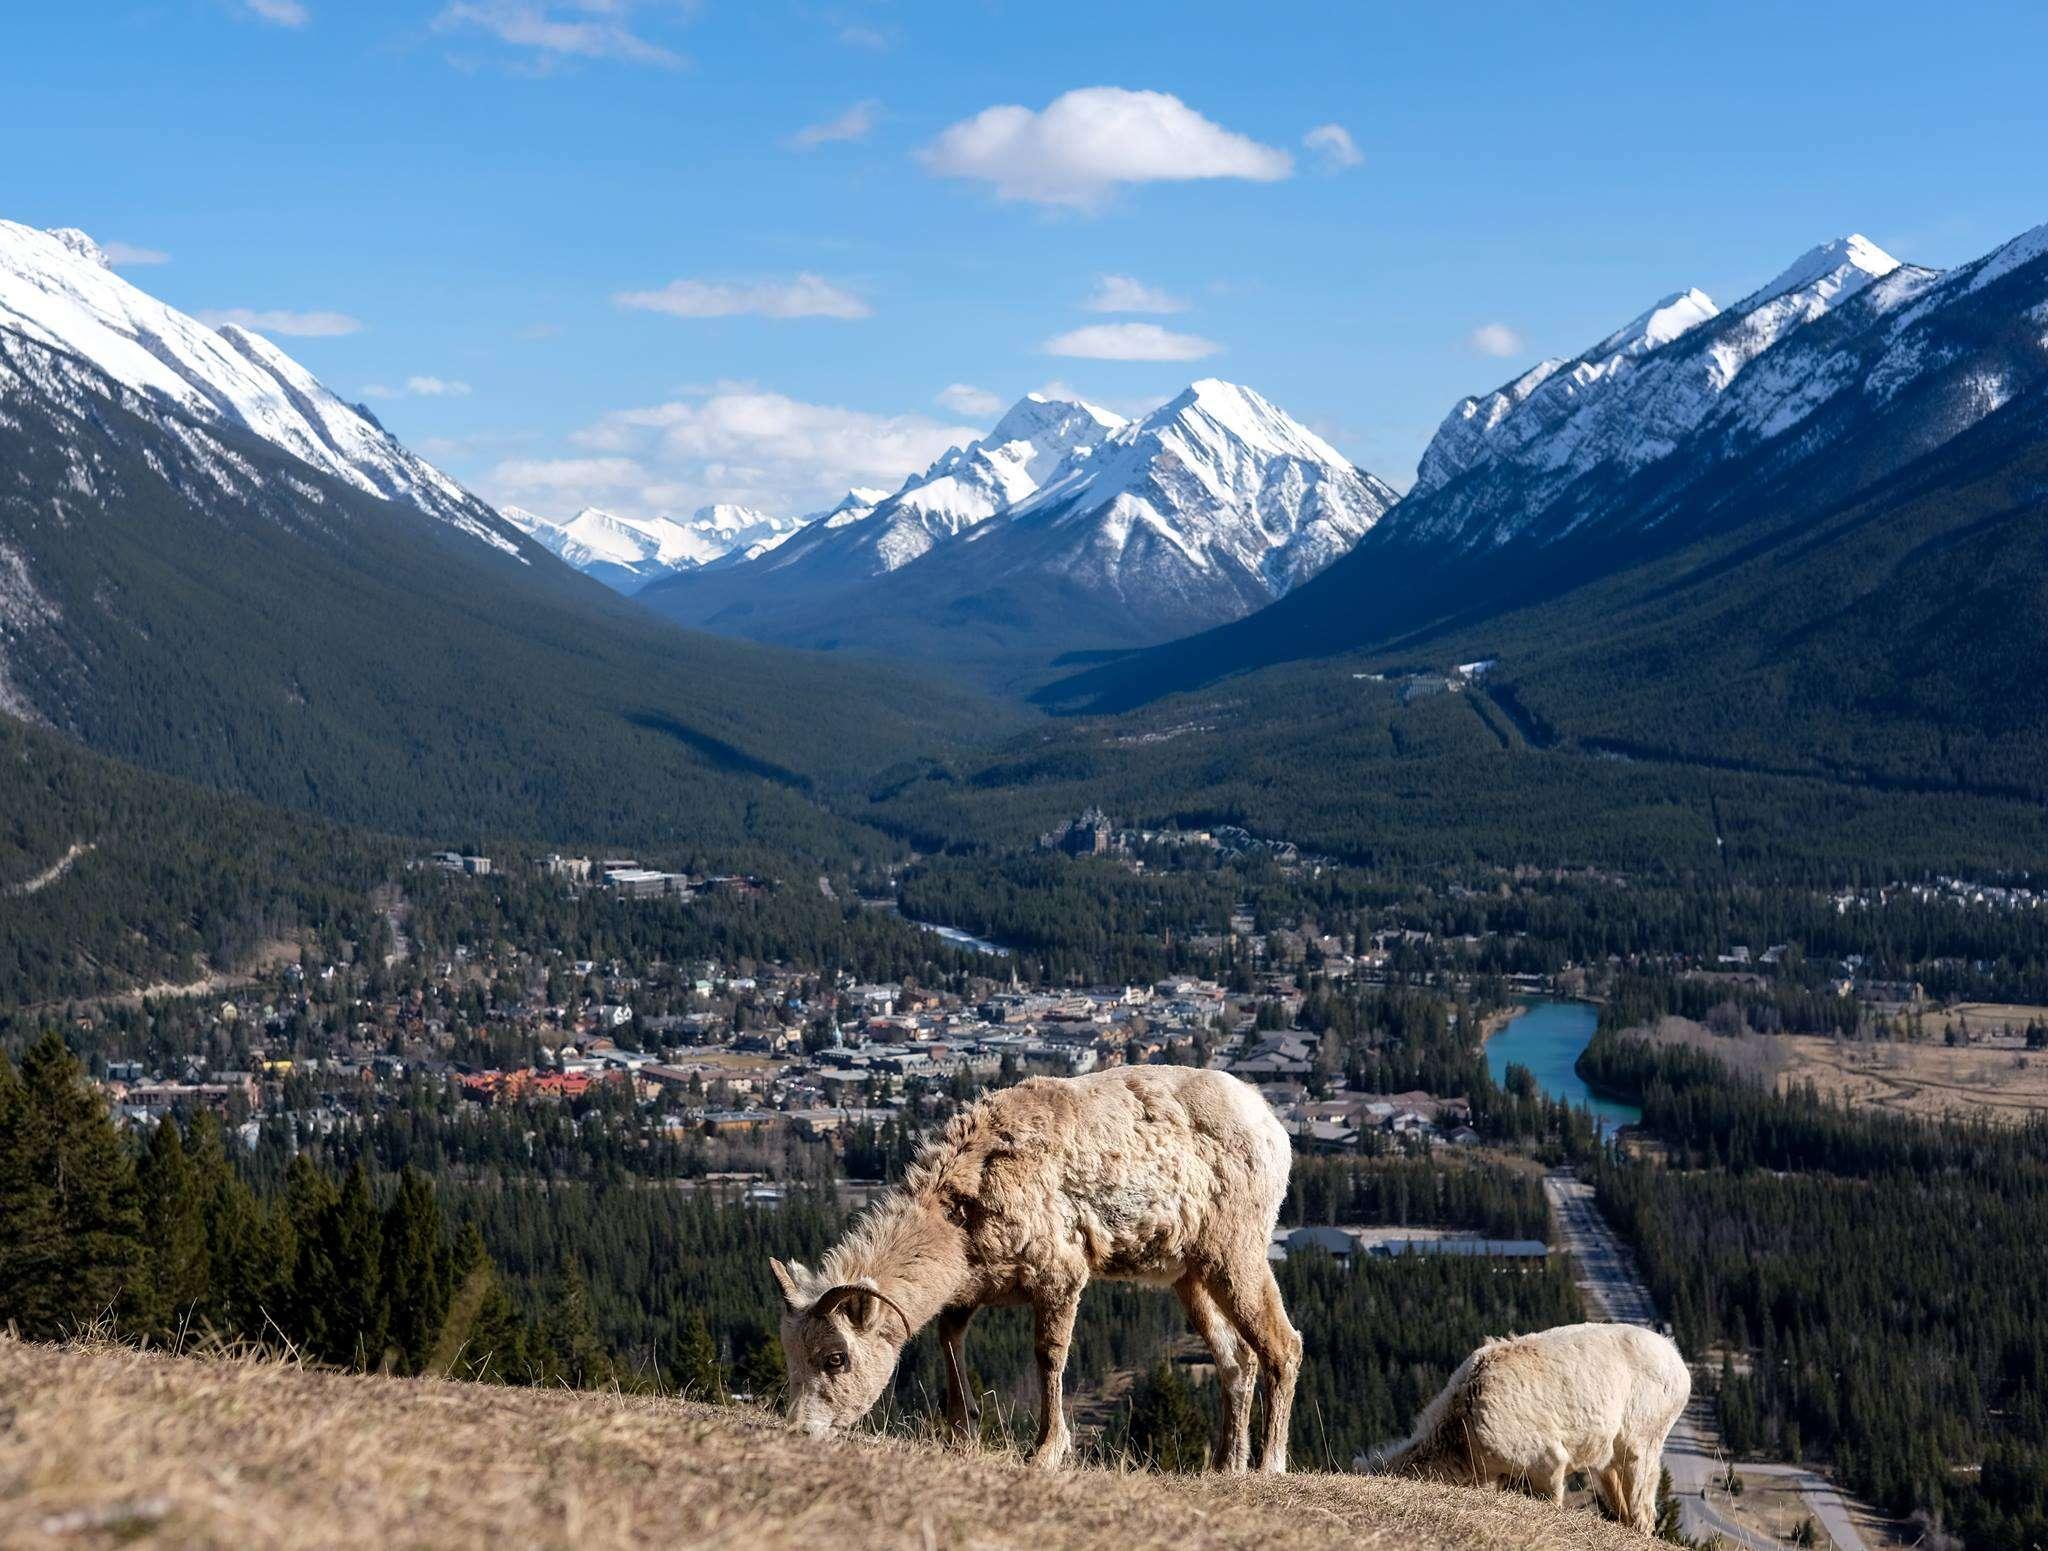 Montagnes - Ma soif d'être nomade ne fit pas dans le moule - Nomad Junkies